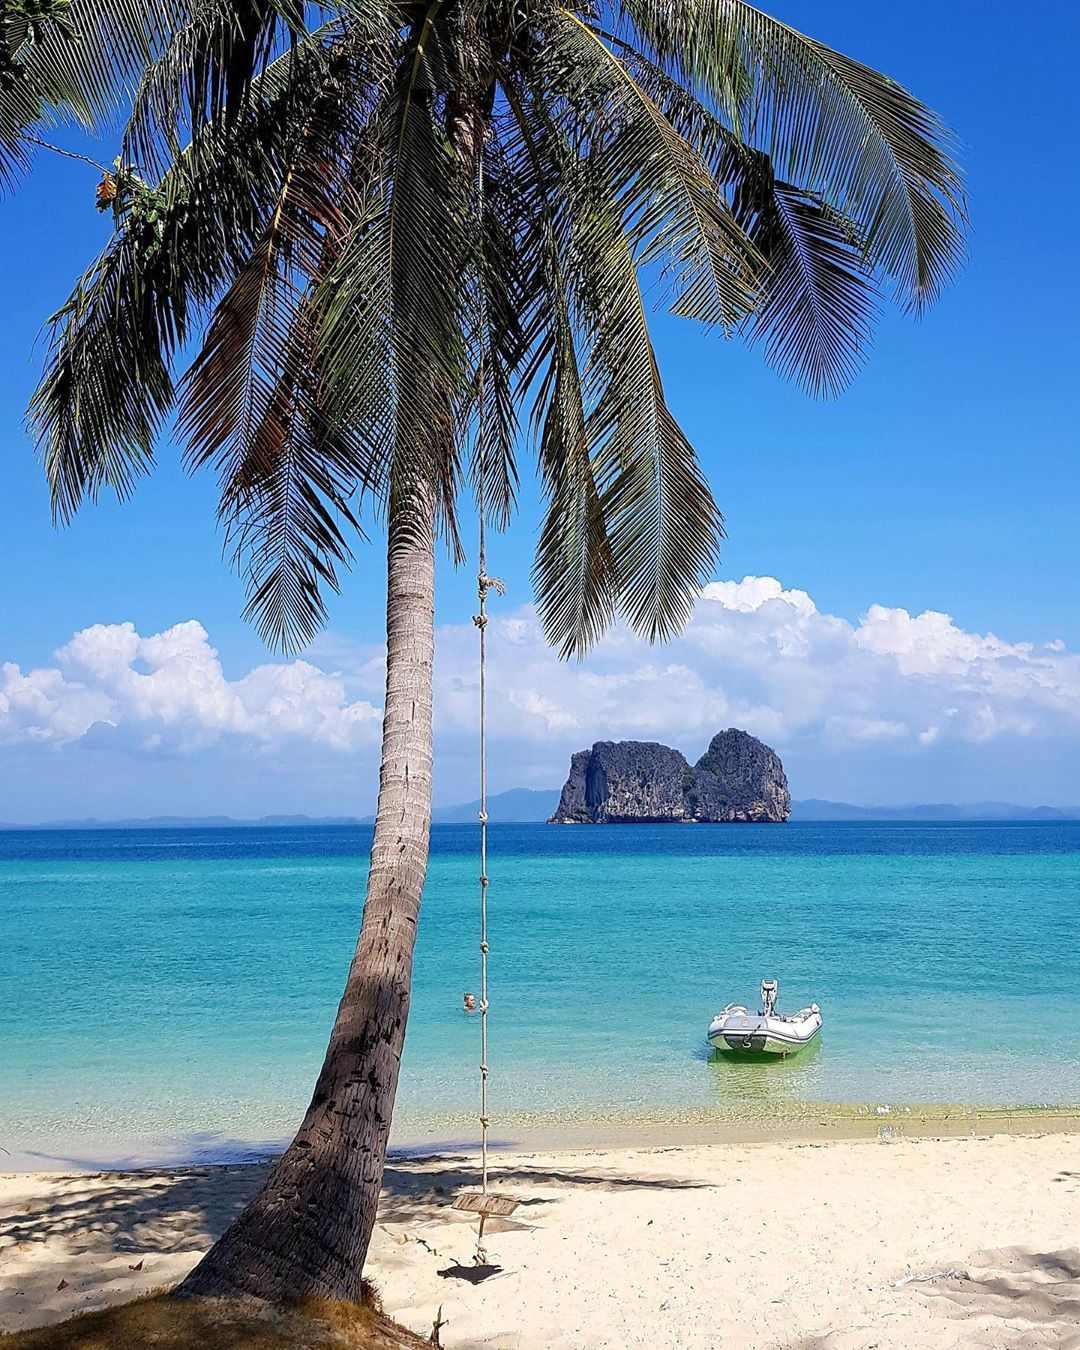 Palmboom met schommel op het strand van Koh Ngai